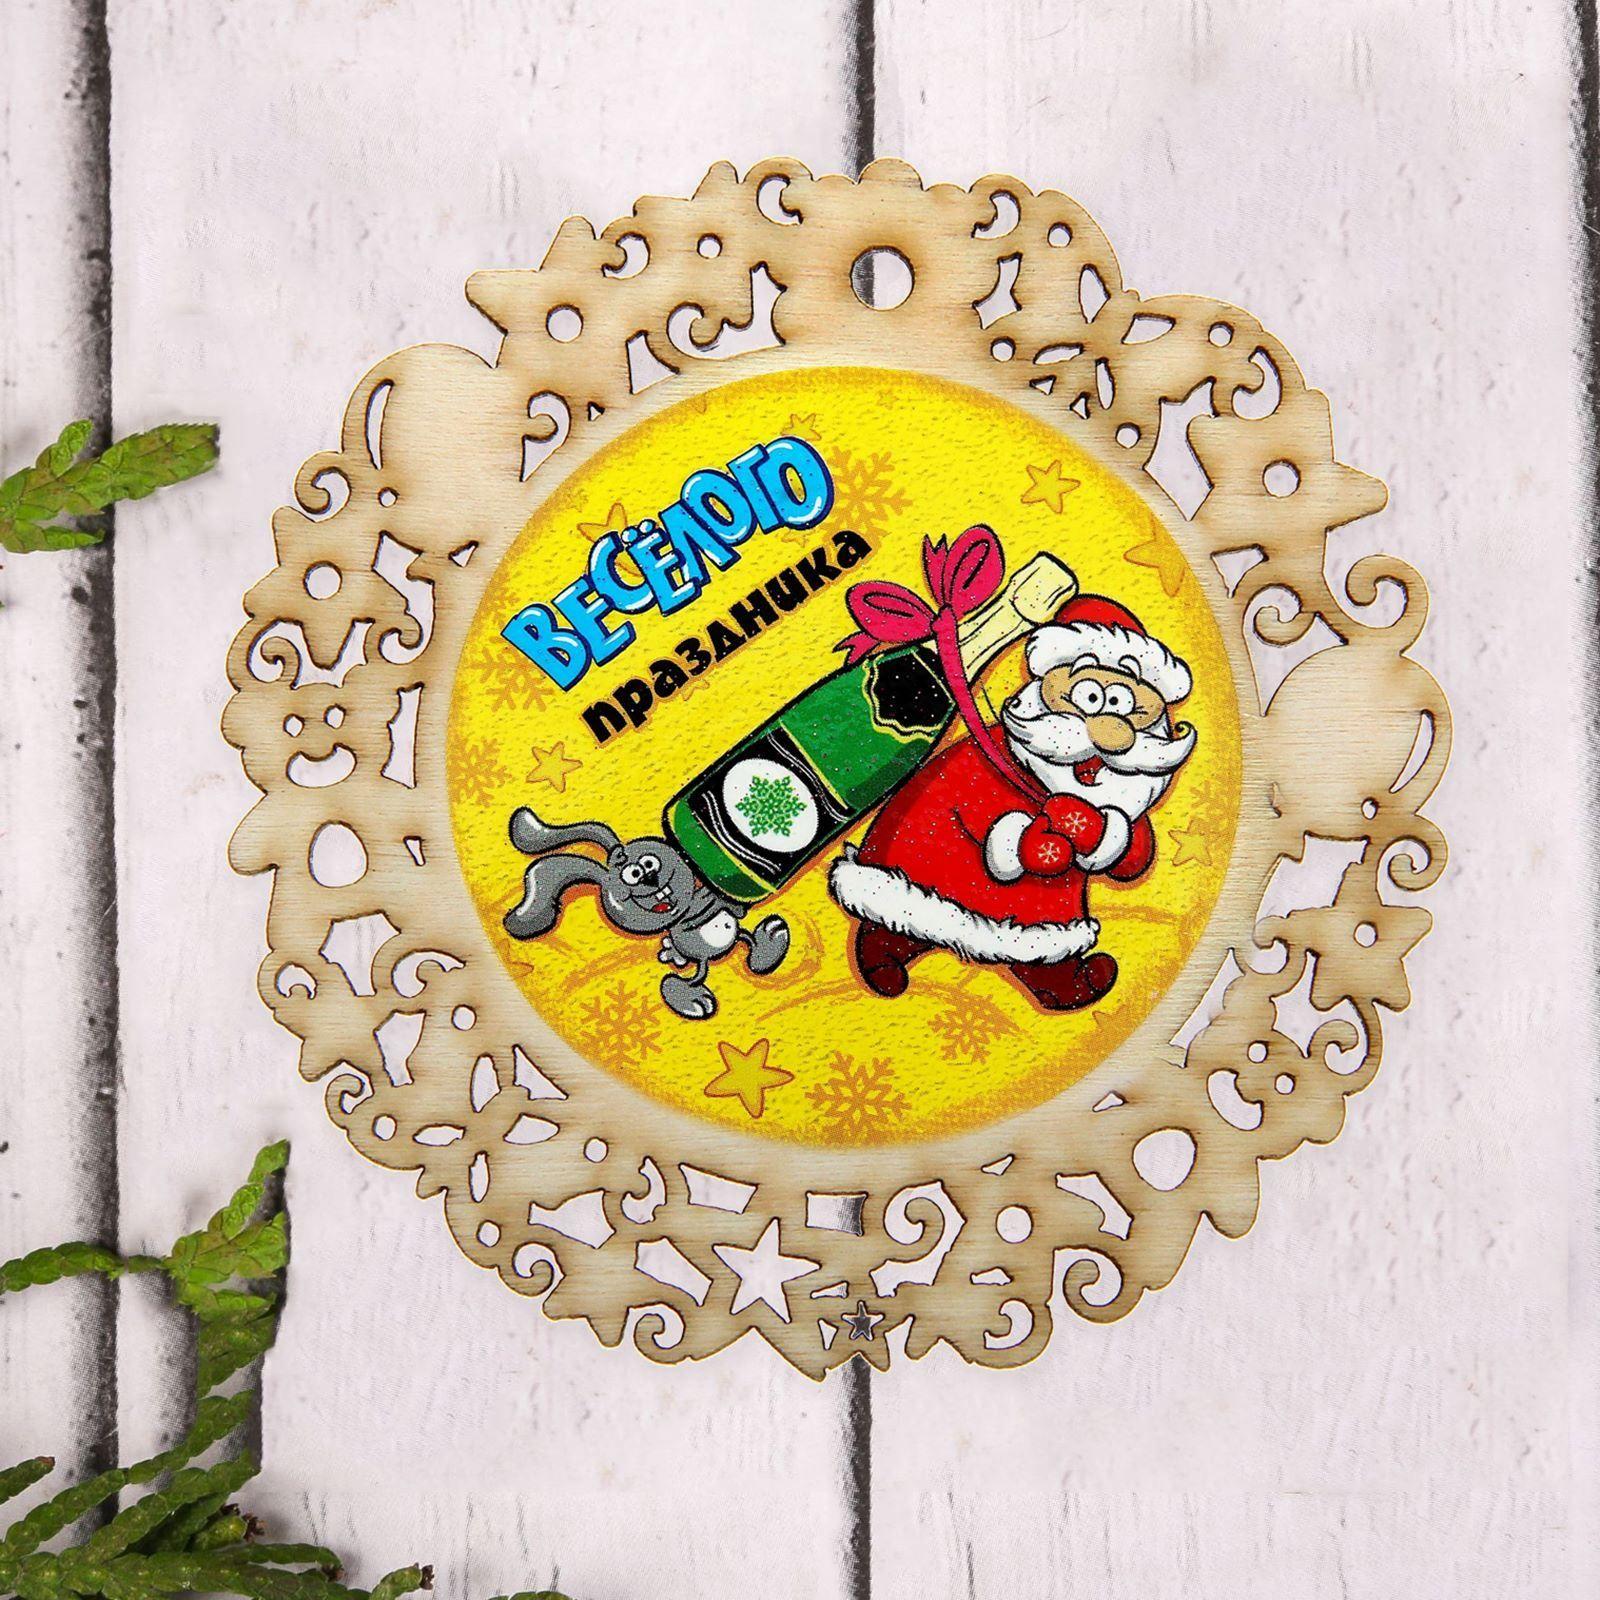 Магнит Sima-land Веселого праздника, 9 х 7,4 см279987Порадуйте родных и близких оригинальным сувениром: преподнесите в подарок магнит. С ним даже самый серьёзный человек почувствует себя ребёнком, ожидающим чудо! Создайте праздничное настроение, и оно останется с вами на весь год.